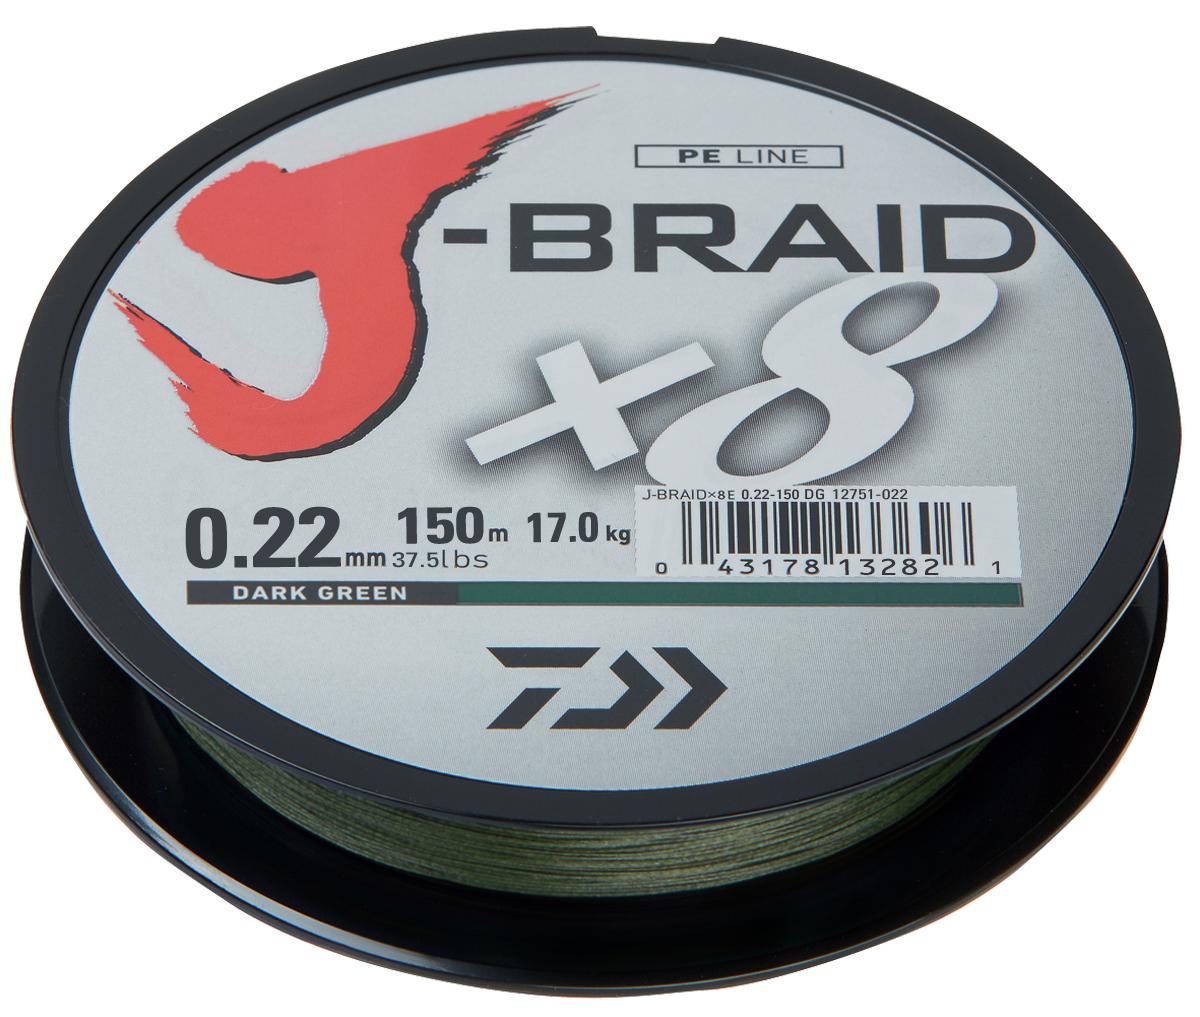 Фото - Шнур плетеный Daiwa J-Braid X8, цвет: зеленый, 150 м, 0,22 мм шнур плетеный daiwa j braid x8 цвет мультиколор 150 м 0 16 мм